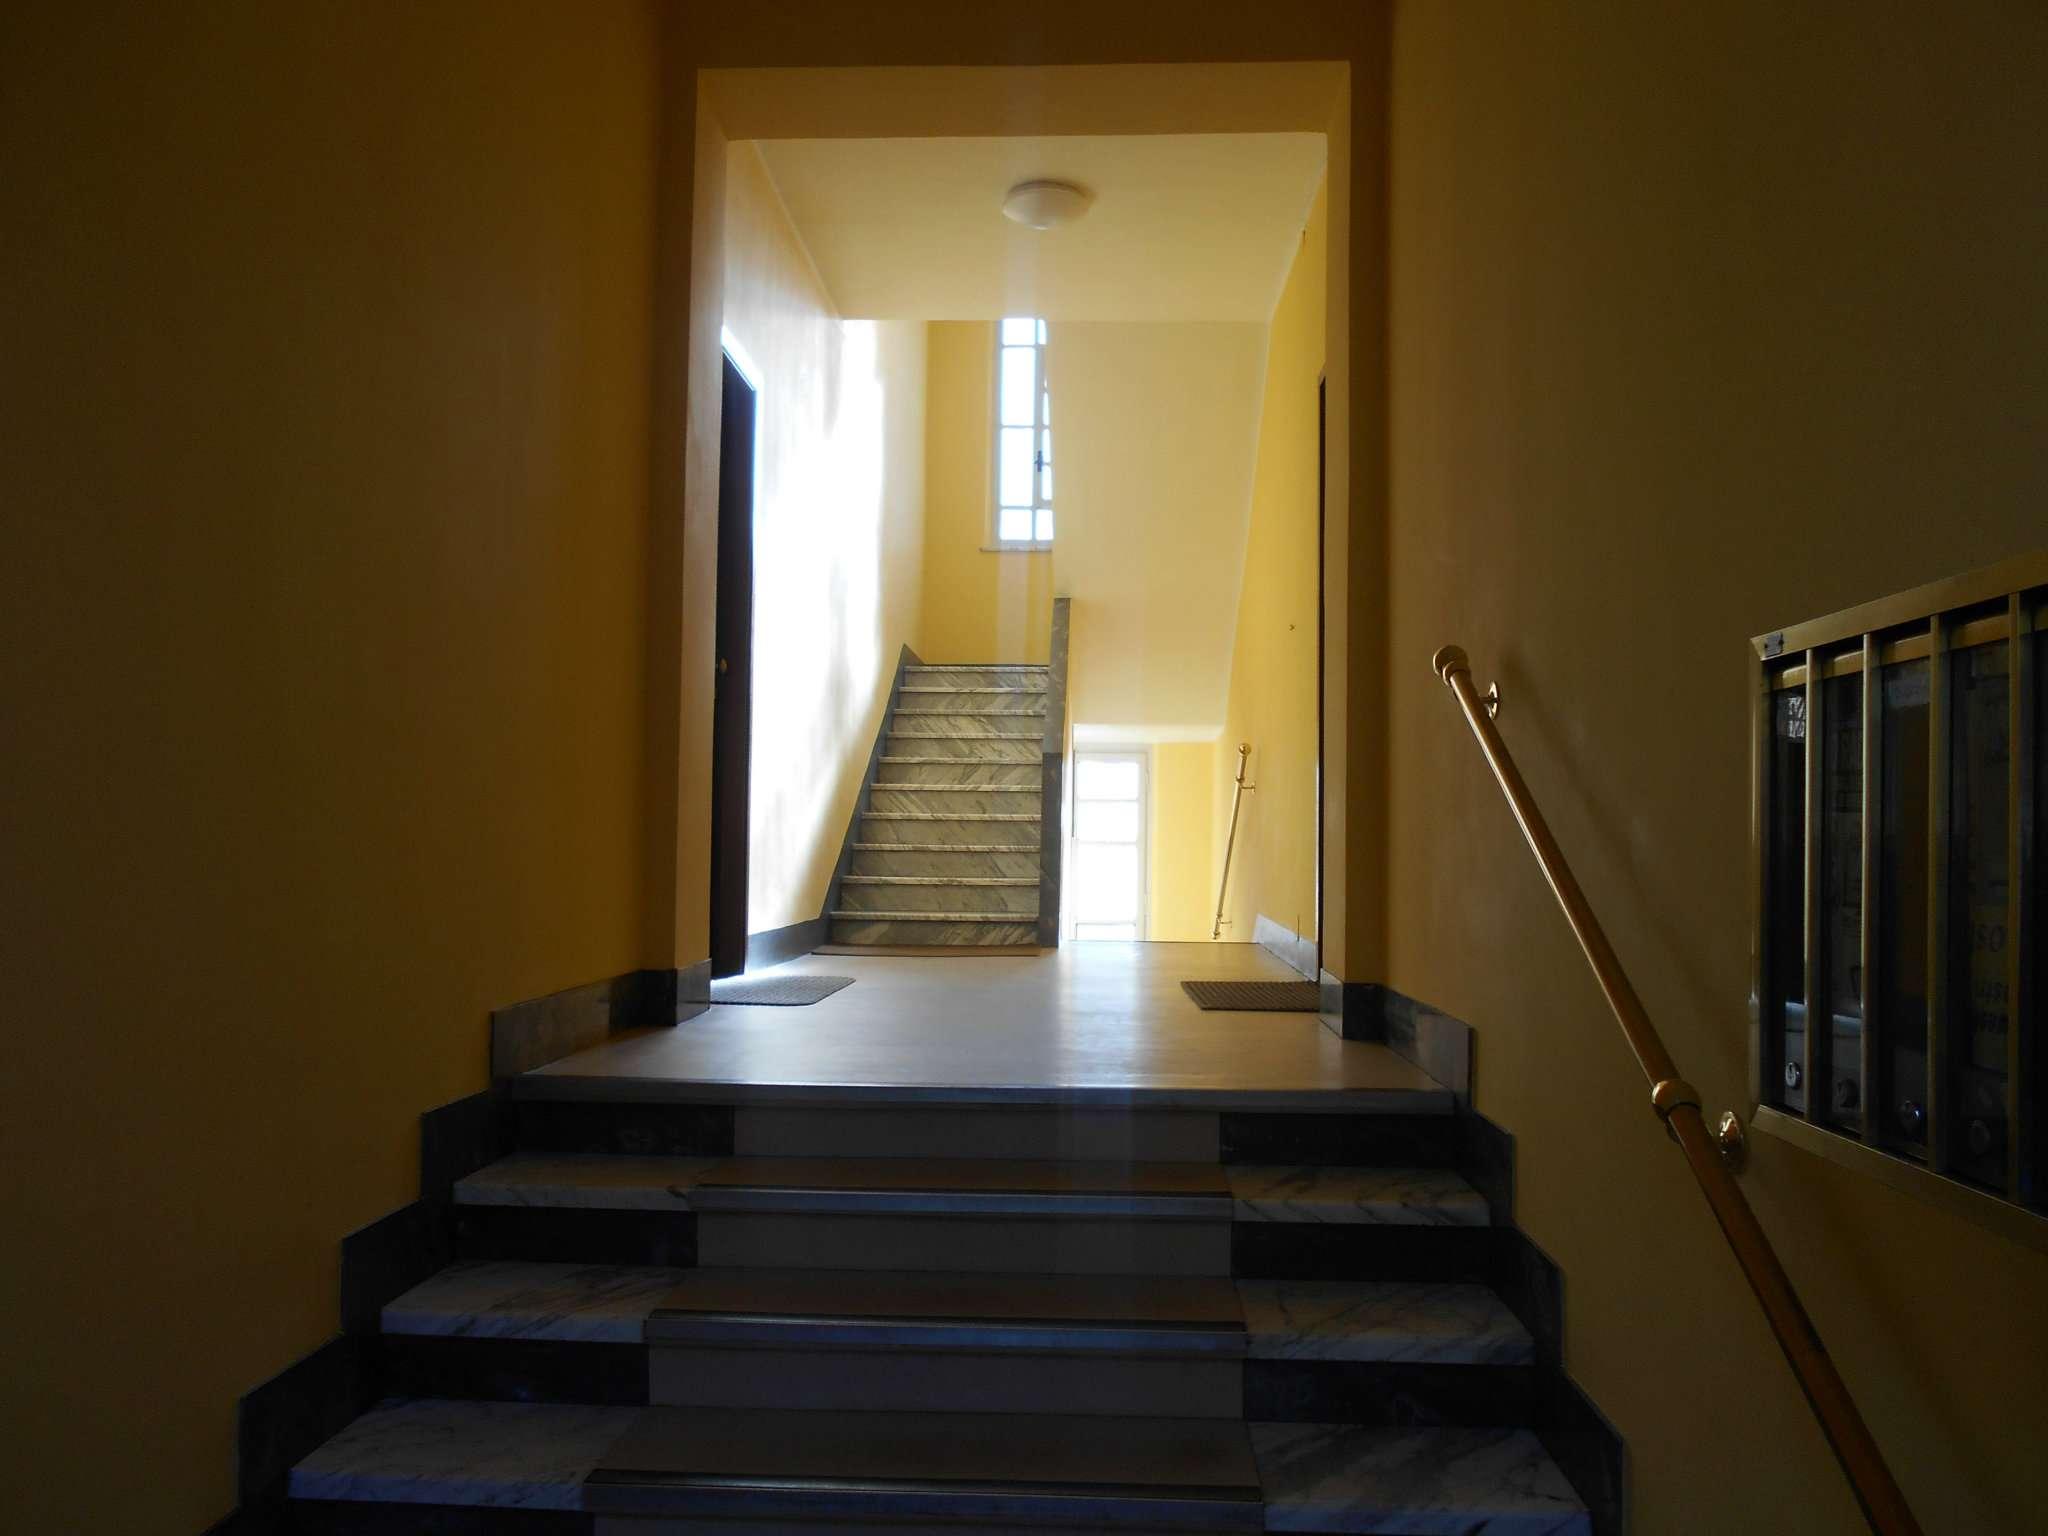 Appartamento in vendita a Torino, 3 locali, zona Zona: 7 . Santa Rita, prezzo € 118.000   Cambio Casa.it